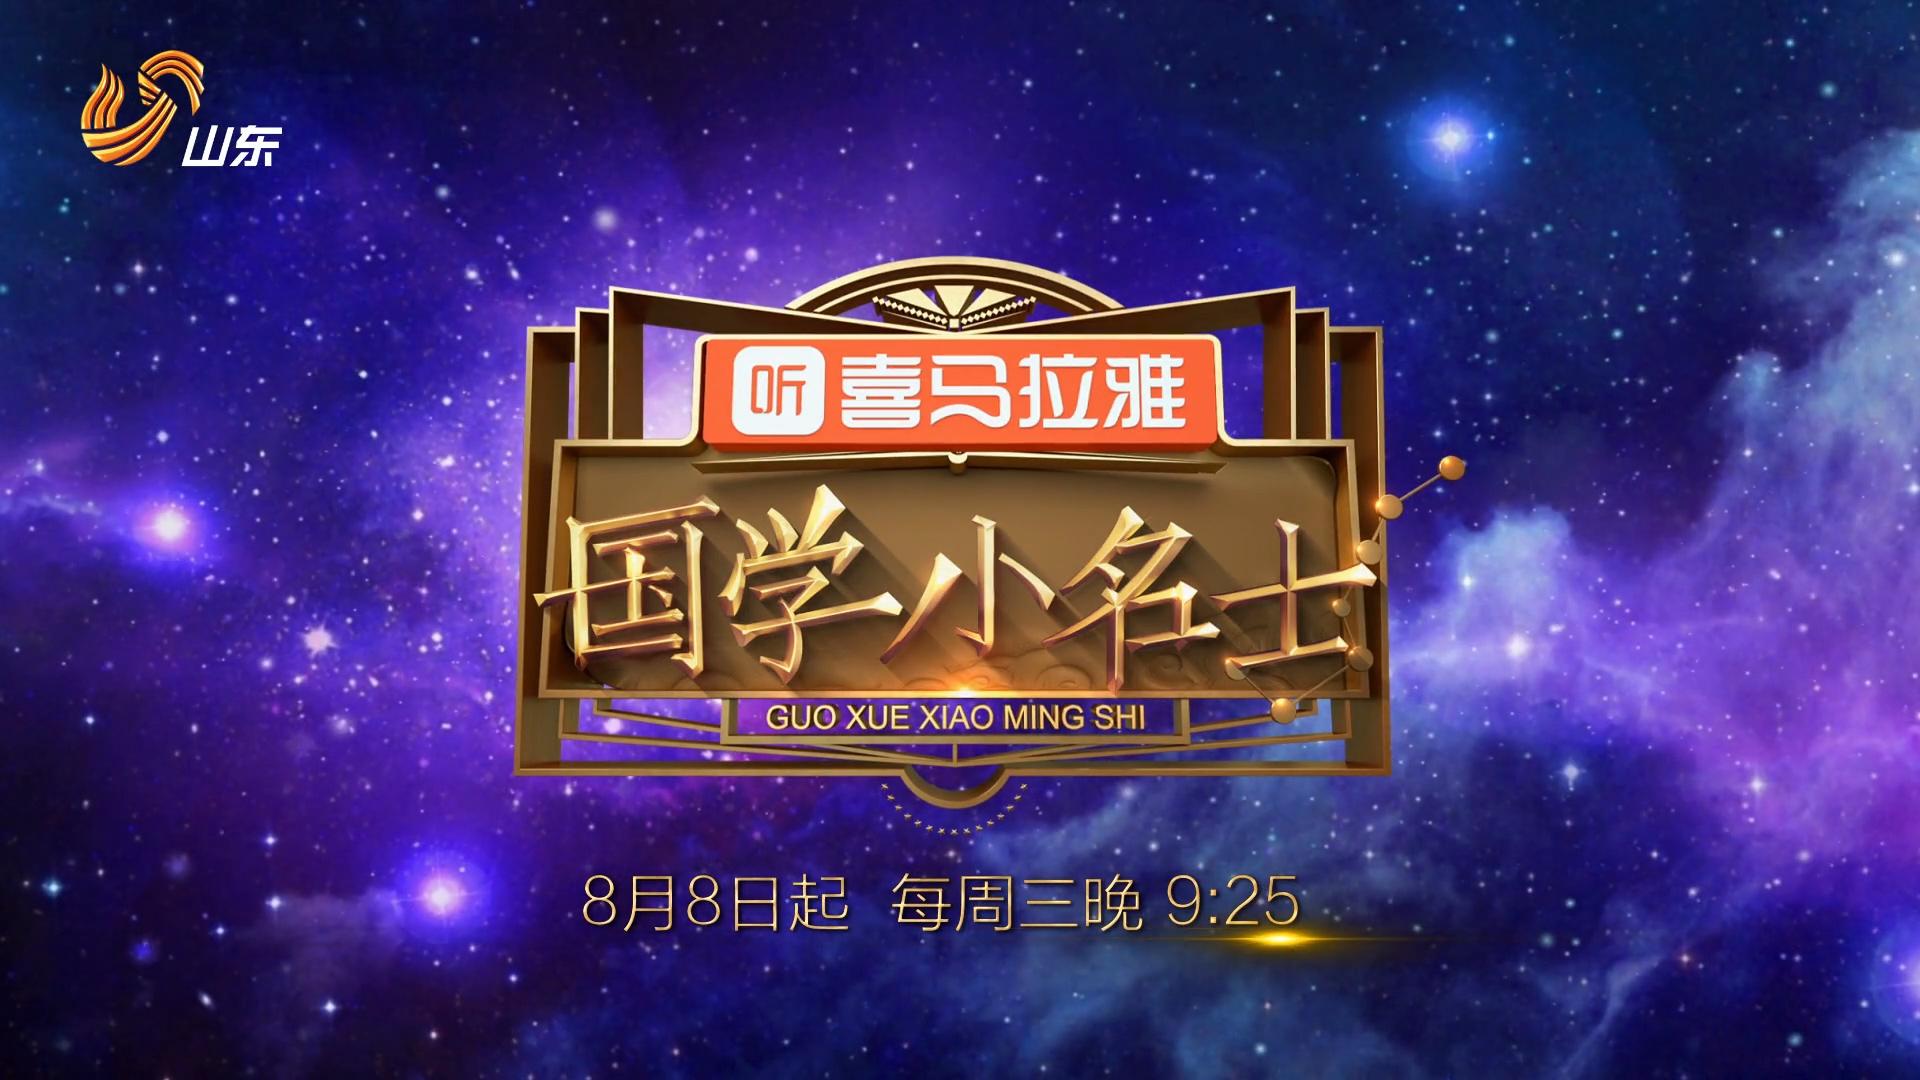 《国学小名士》第二季今晚开播 孔子嫡长孙孔垂长加盟